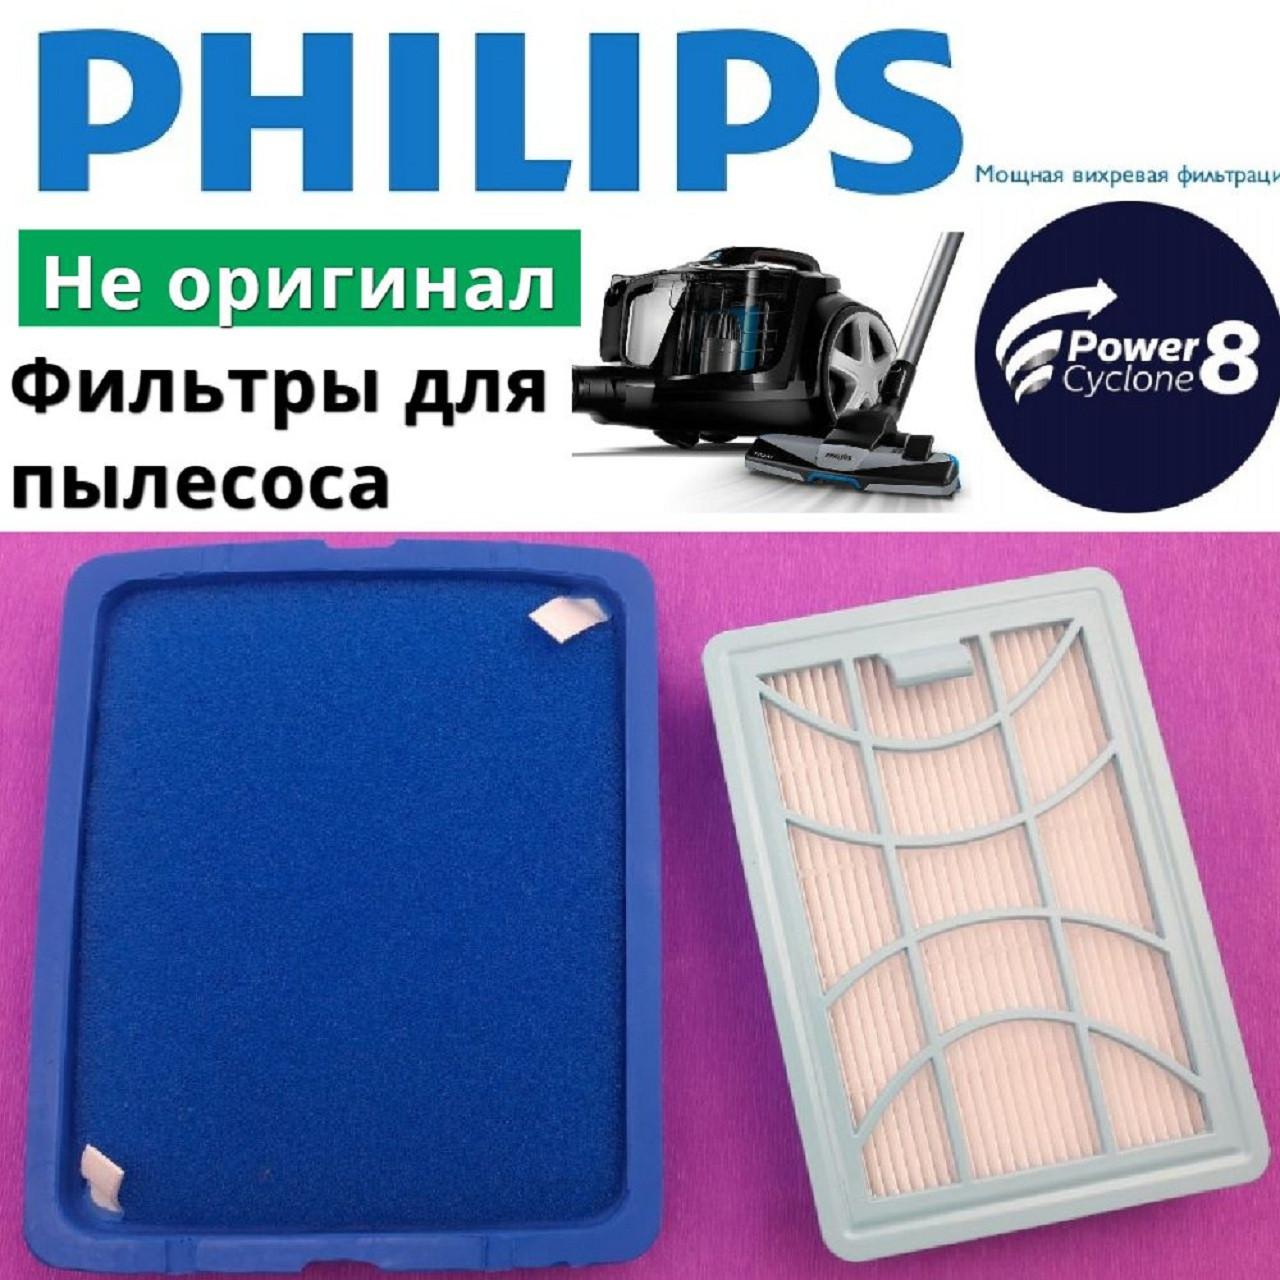 Набор фильтров для Филипс на пылесосы с контейнером для сбора пыли (с колбой или без мешка) fc9728 - fc9735, фото 1